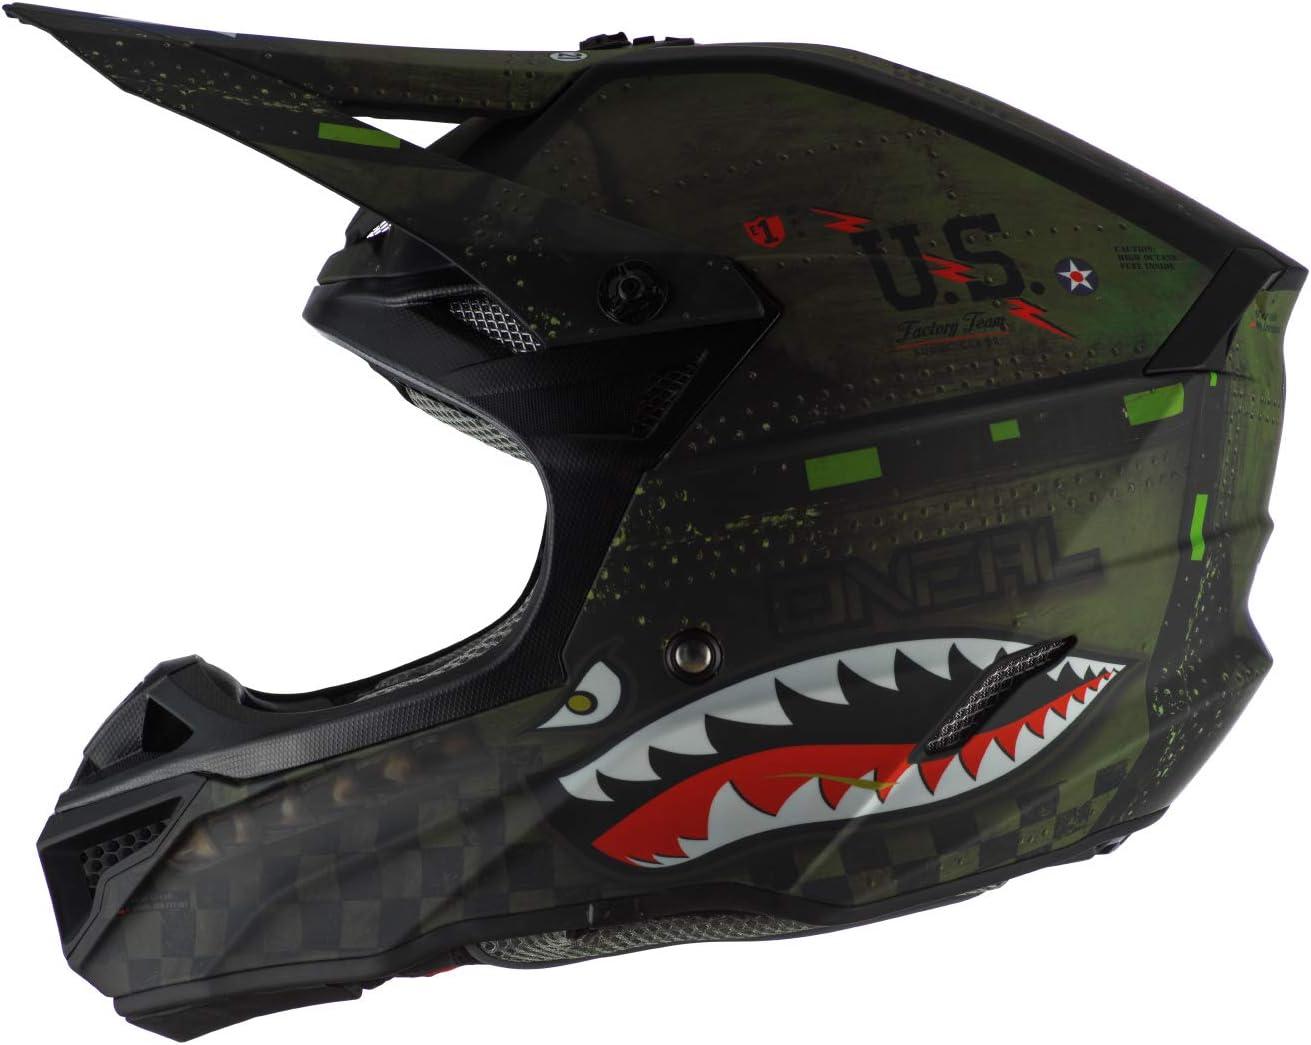 ONeal 5 Series Unisex-Adult Off-Road Helmet Black//Green, XS